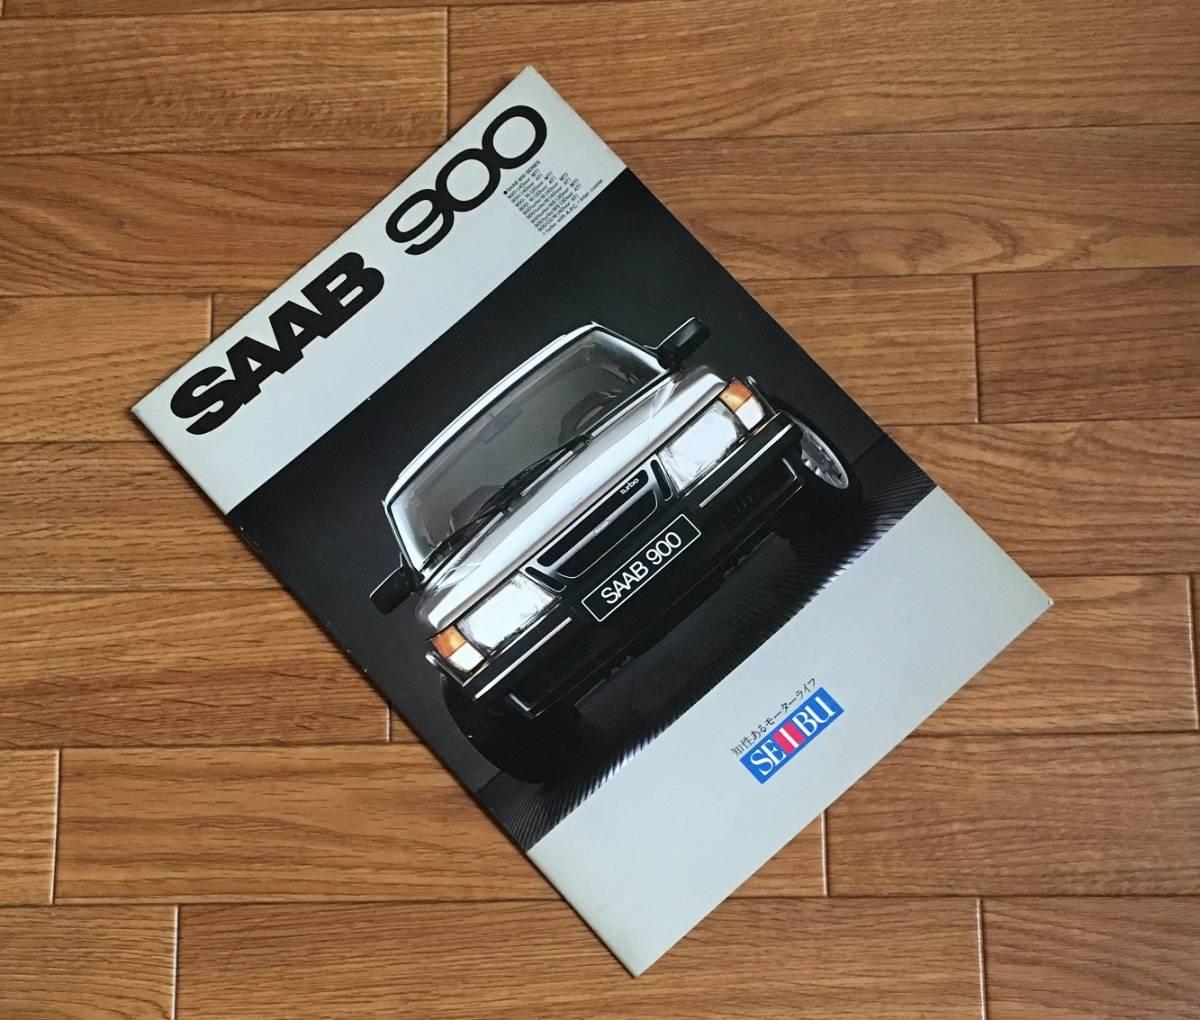 サーブ900 SAAB 900 ▼ カタログ パンフレット 900 turbo 16S 外車 輸入車 インポートカー ターボ スウェーデン SAAB 900 シリーズ 西武_サーブ900 SAAB900 西武900